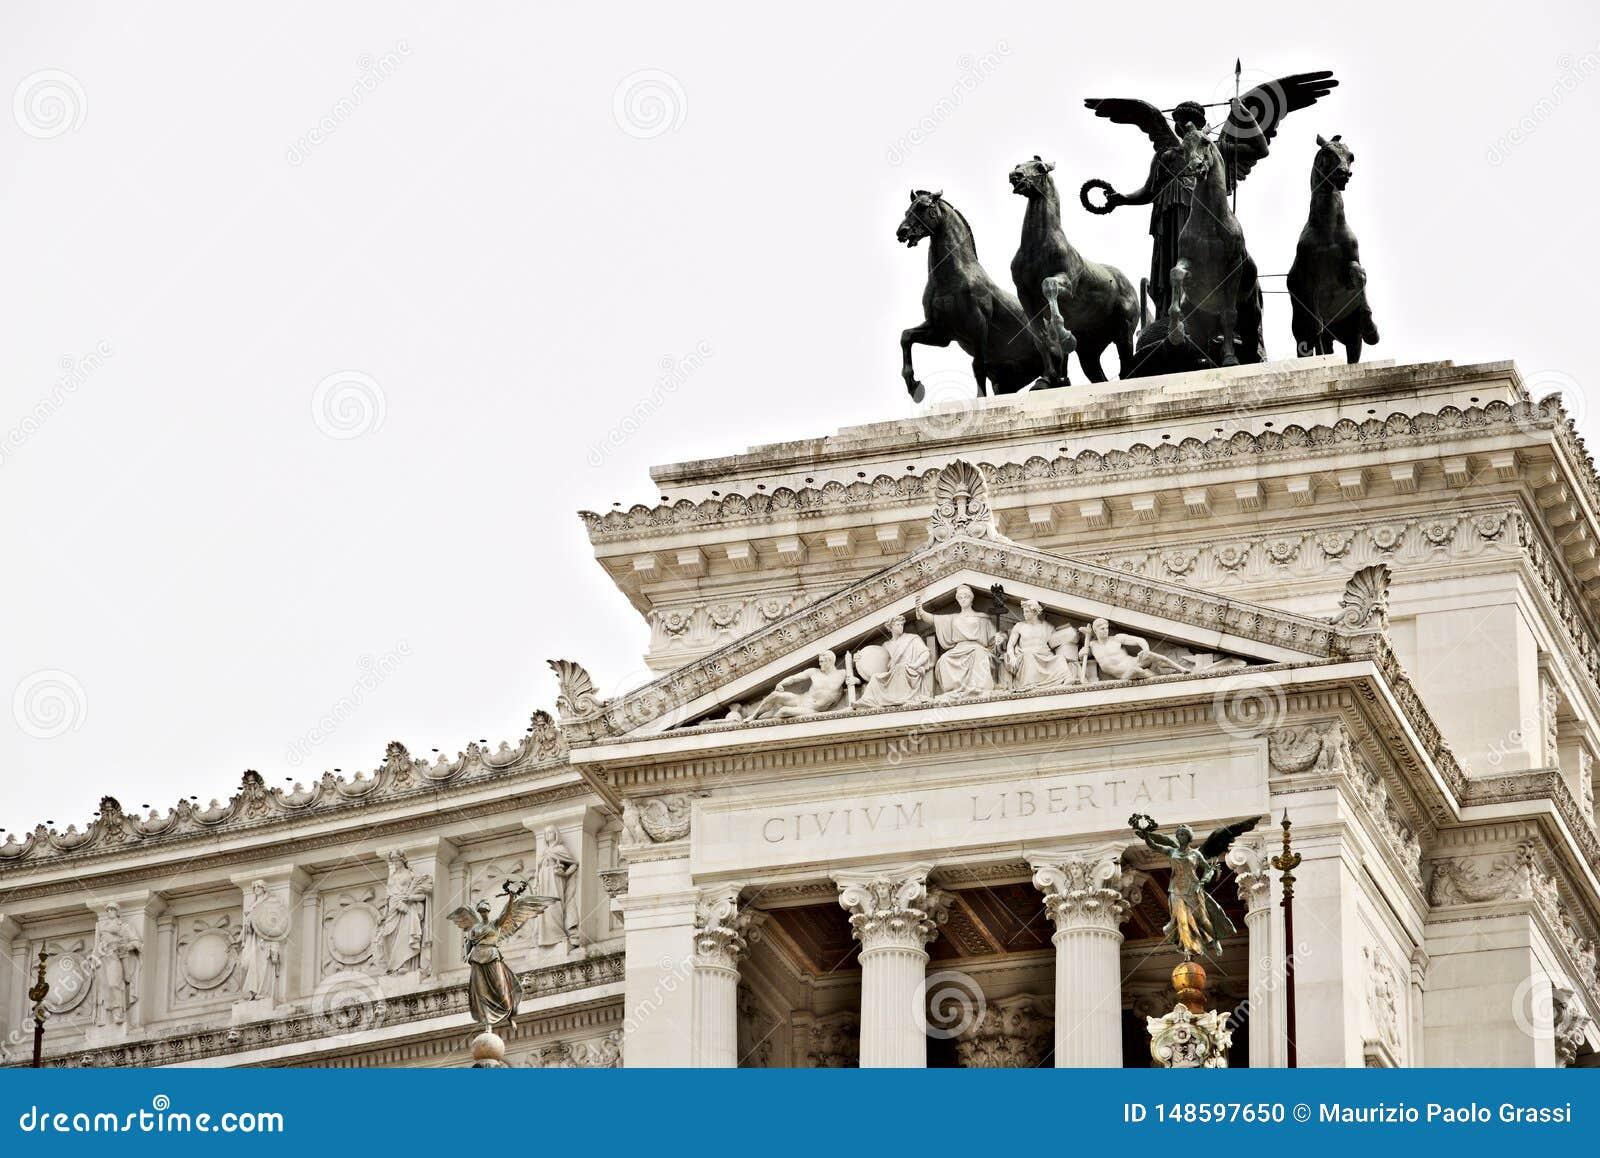 Altare della patria o del Vittoriano in piazza Venezia a Roma